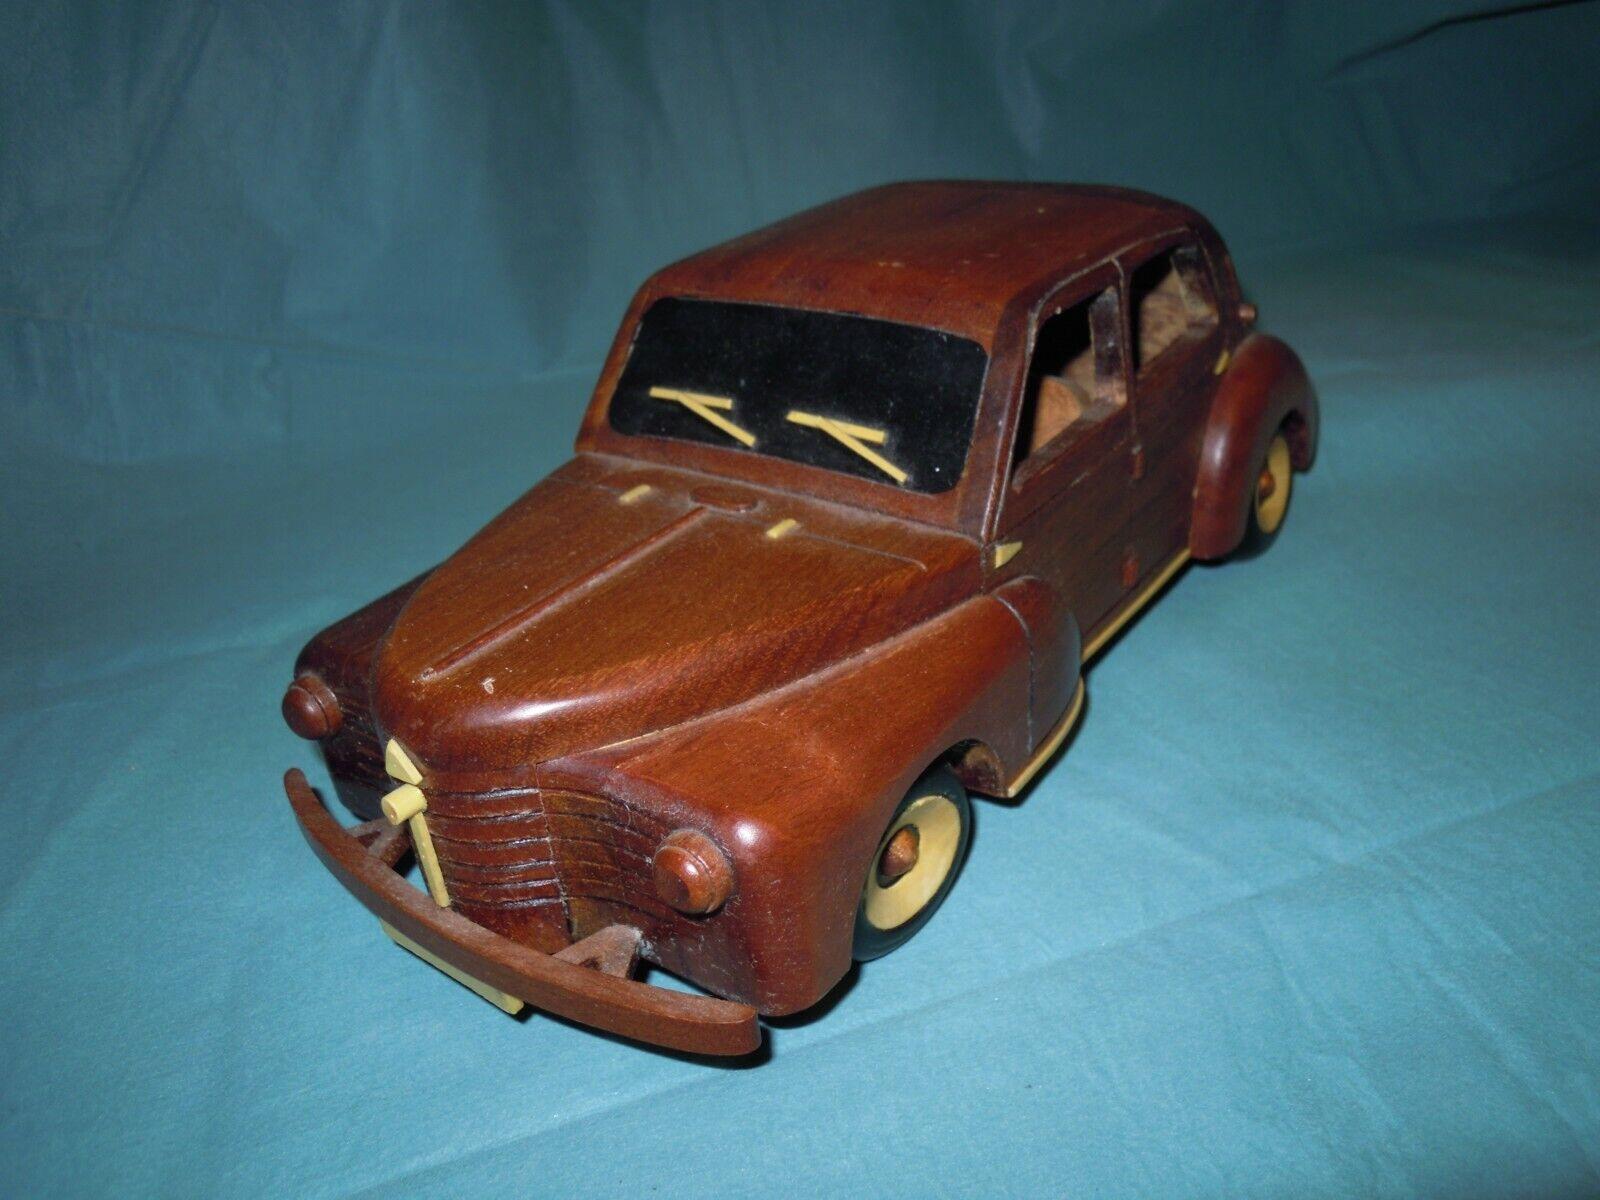 Voiture en en en bois Wood car Modèle réduit Miniature 2302ca